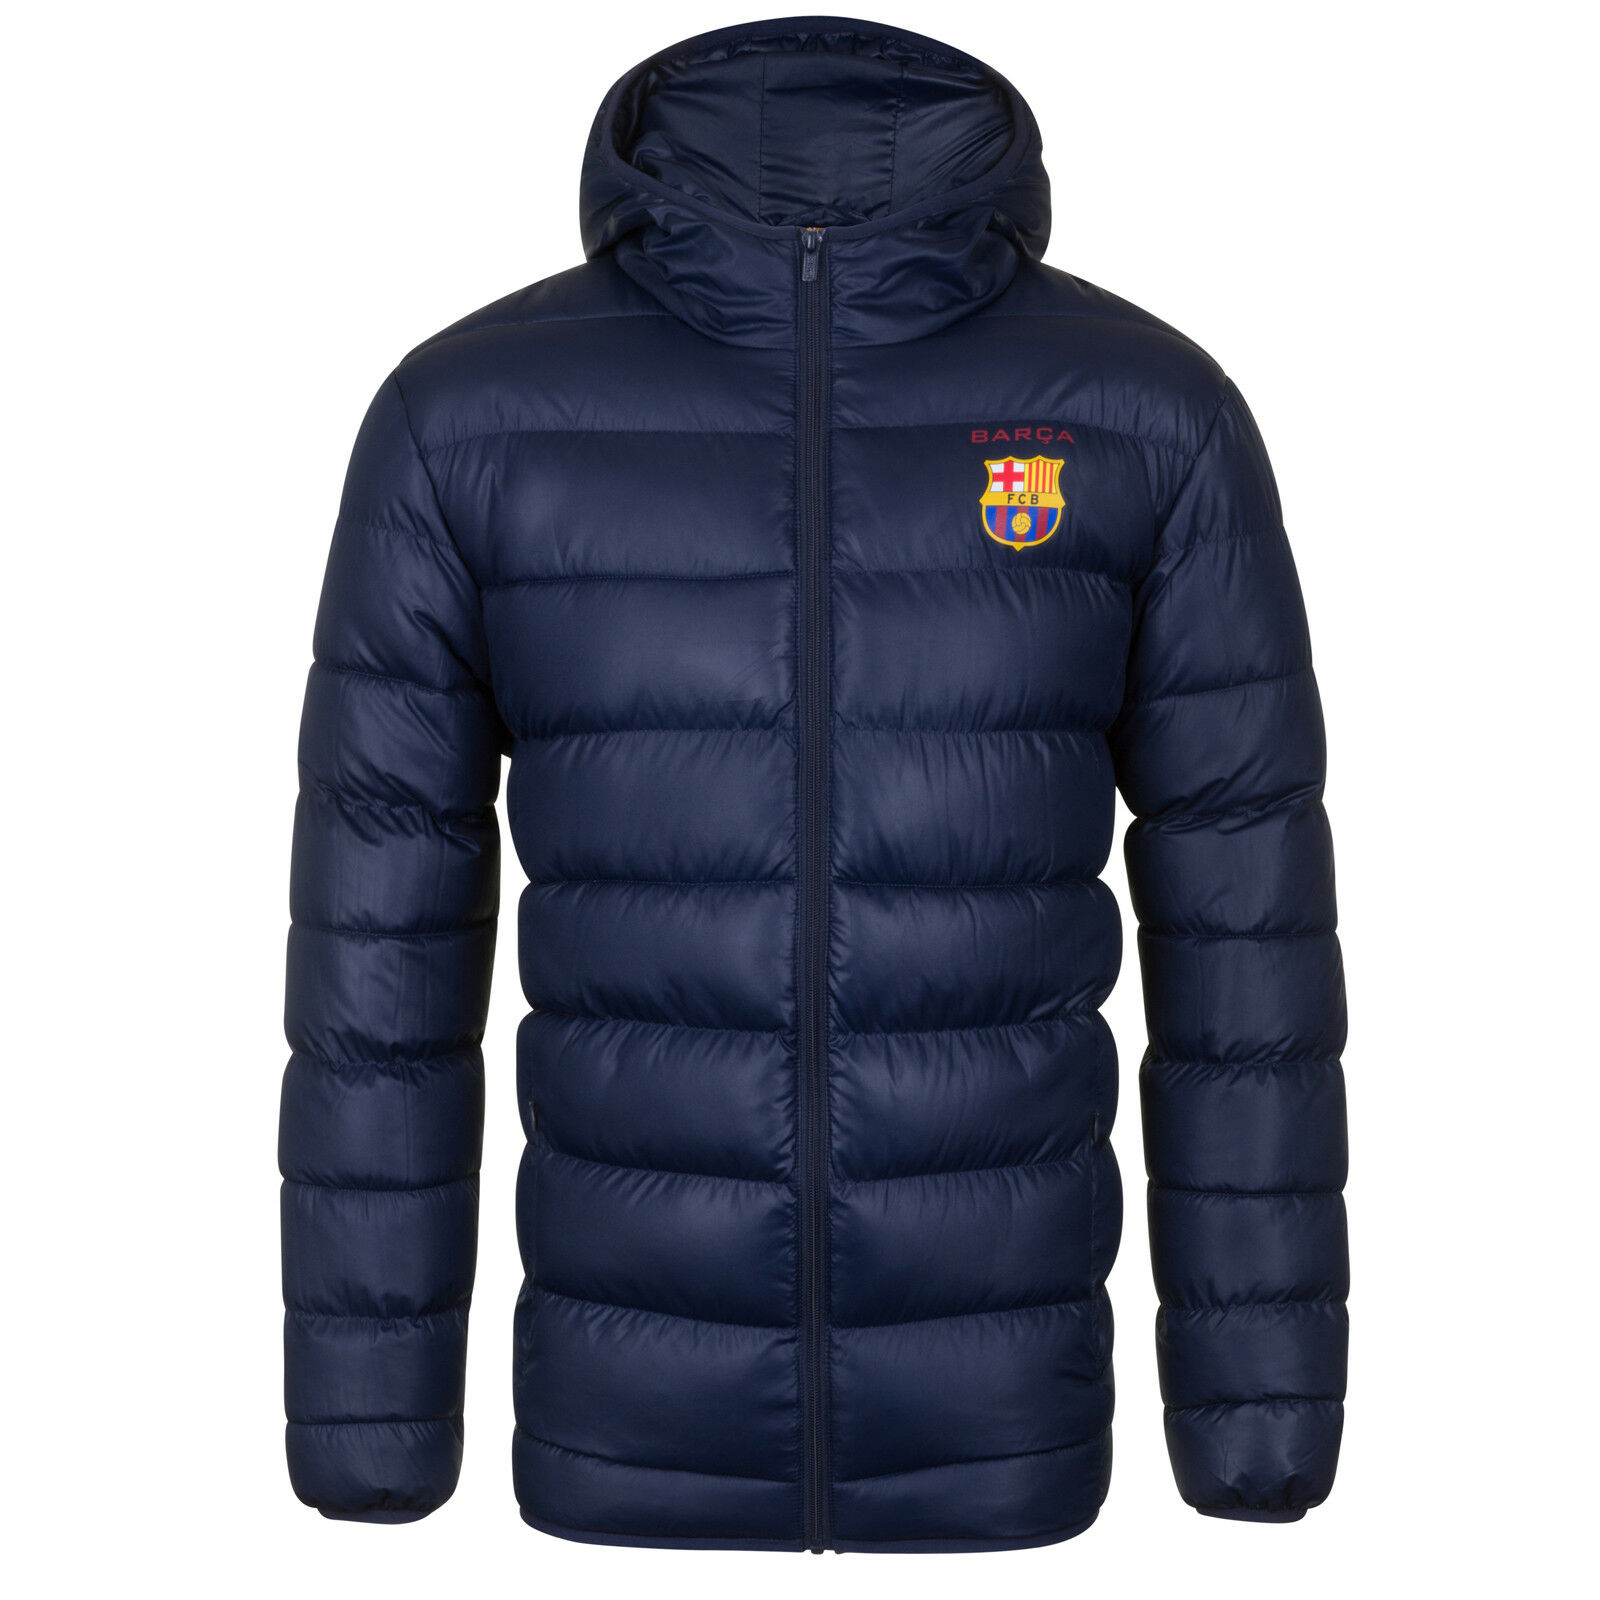 Giacca invernale trapuntata originale originale trapuntata FC Barcelona - con cappuccio - uomo d2336f